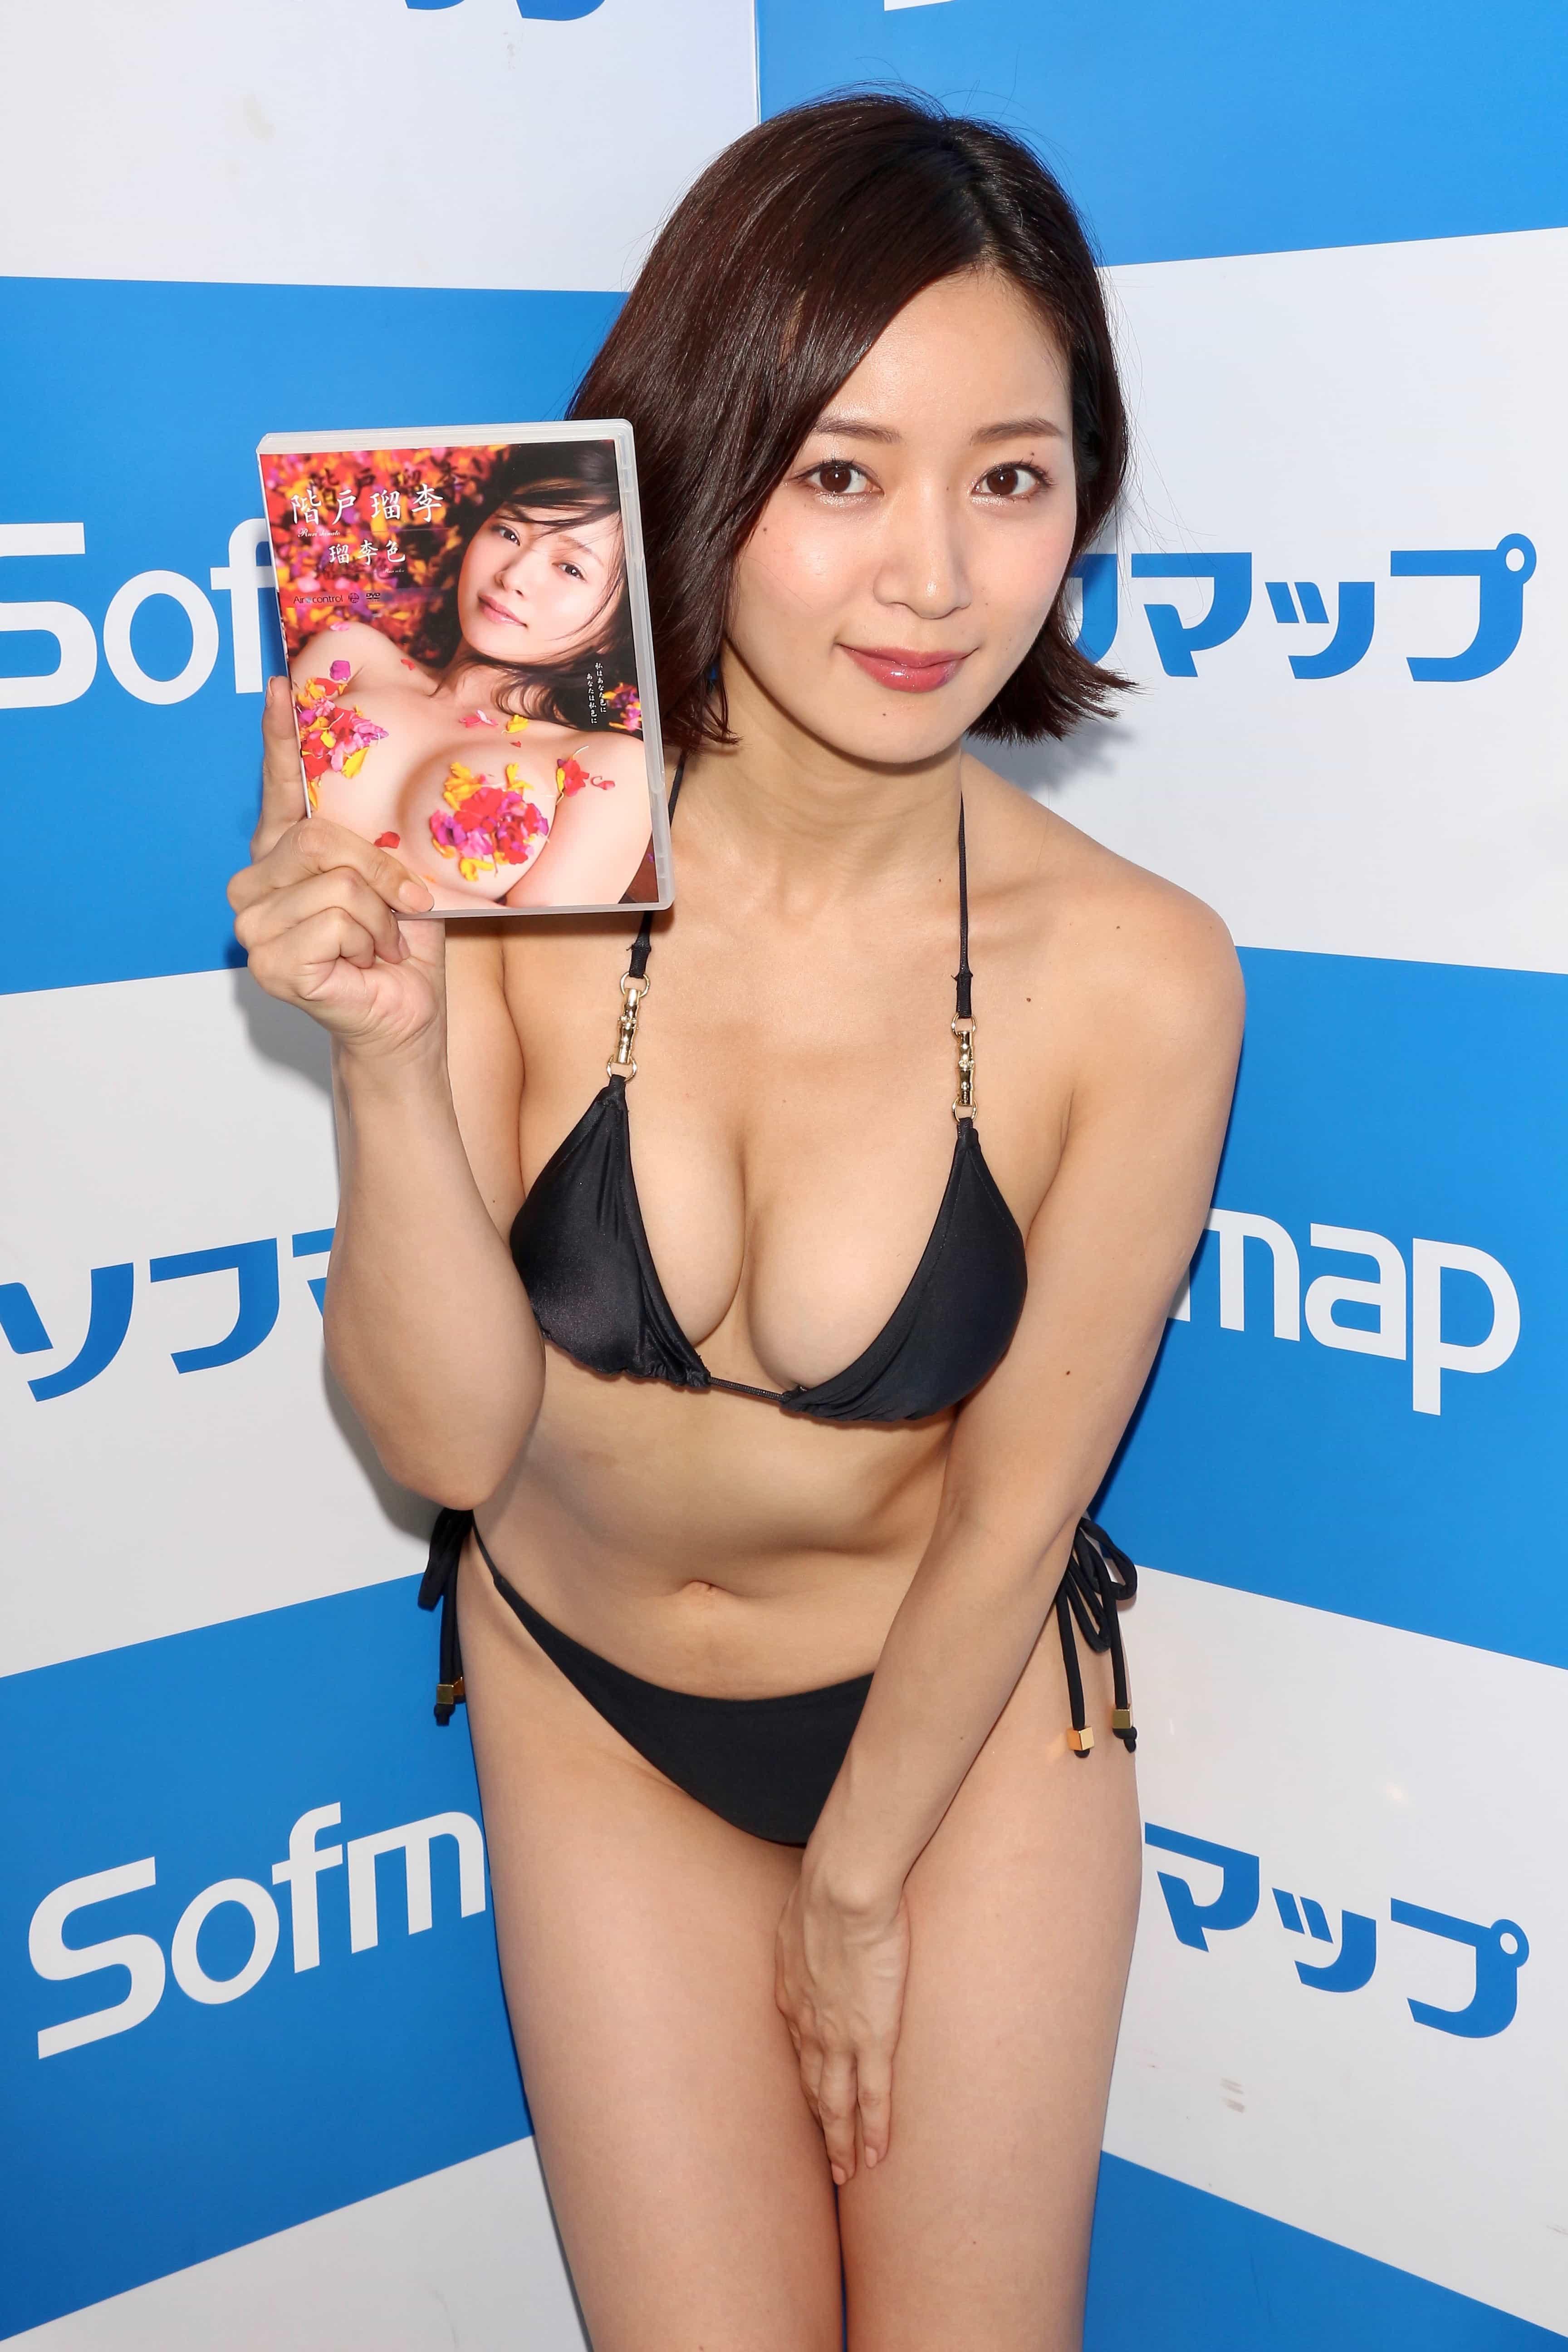 美乳画像 貼り付けスレッド 42 [無断転載禁止]©bbspink.com->画像>587枚